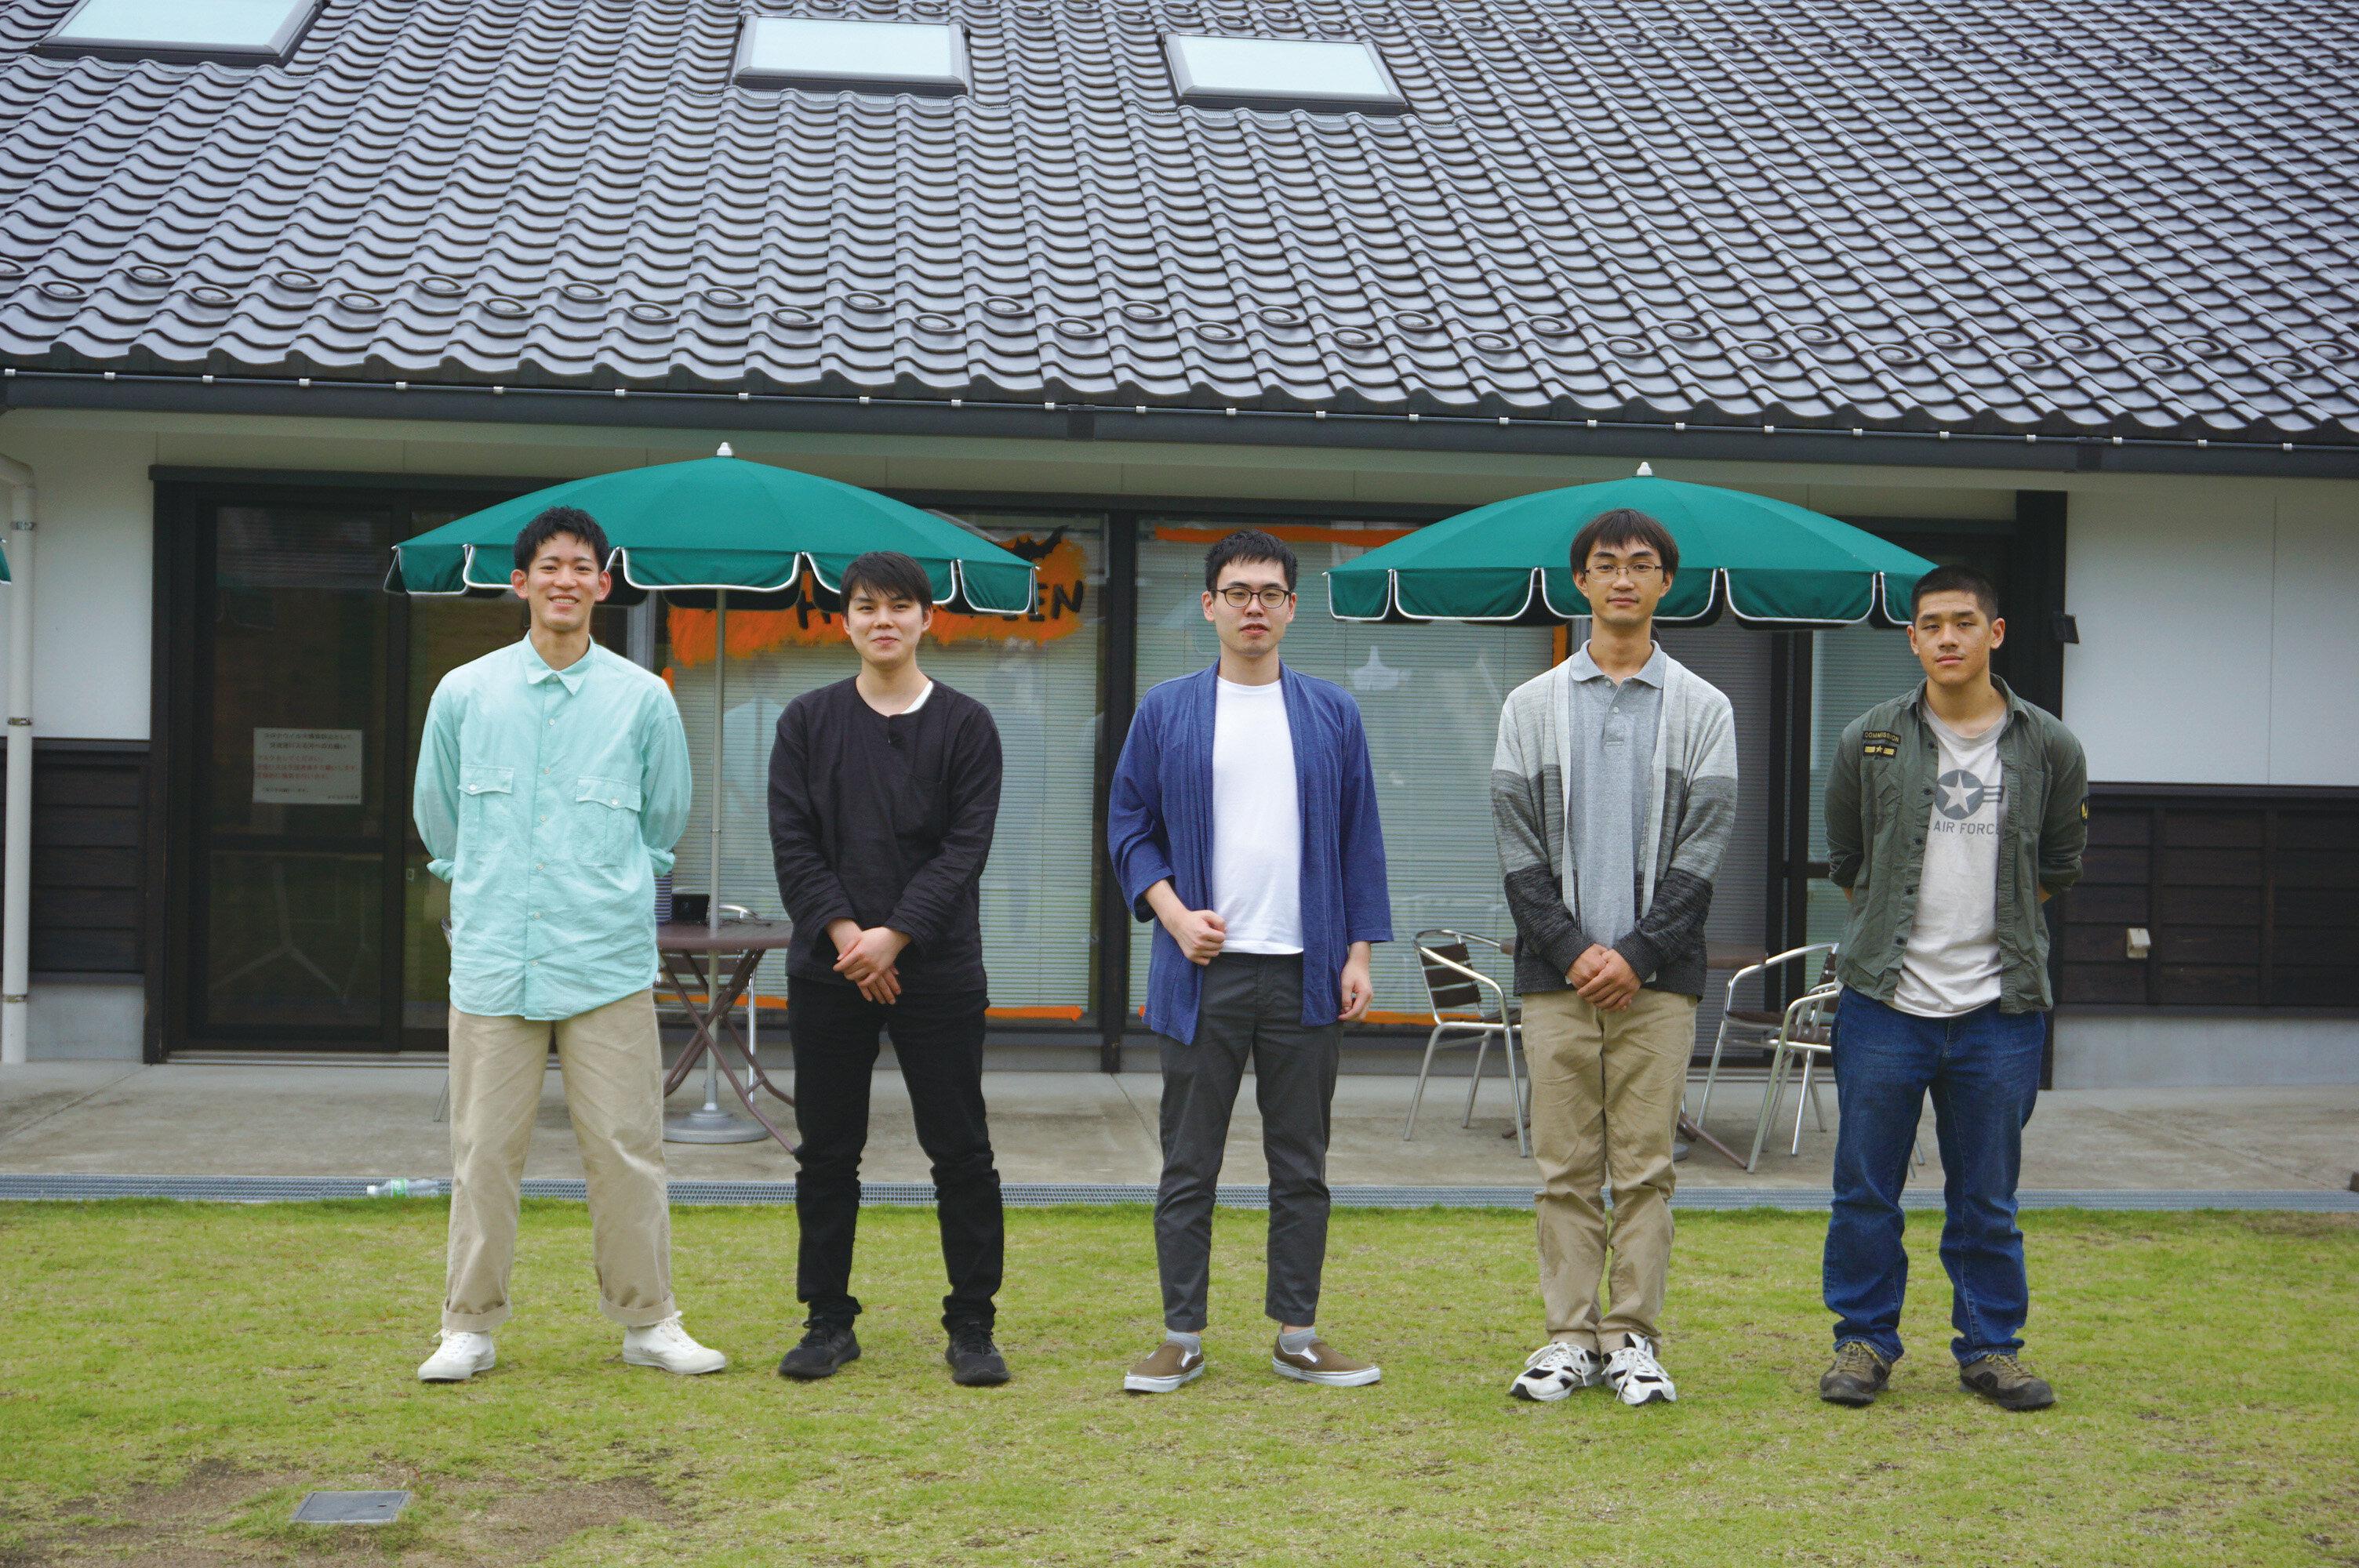 愛媛県・久万高原町の高校生がクロモジを学び、精油を製品化、町の名産品へ